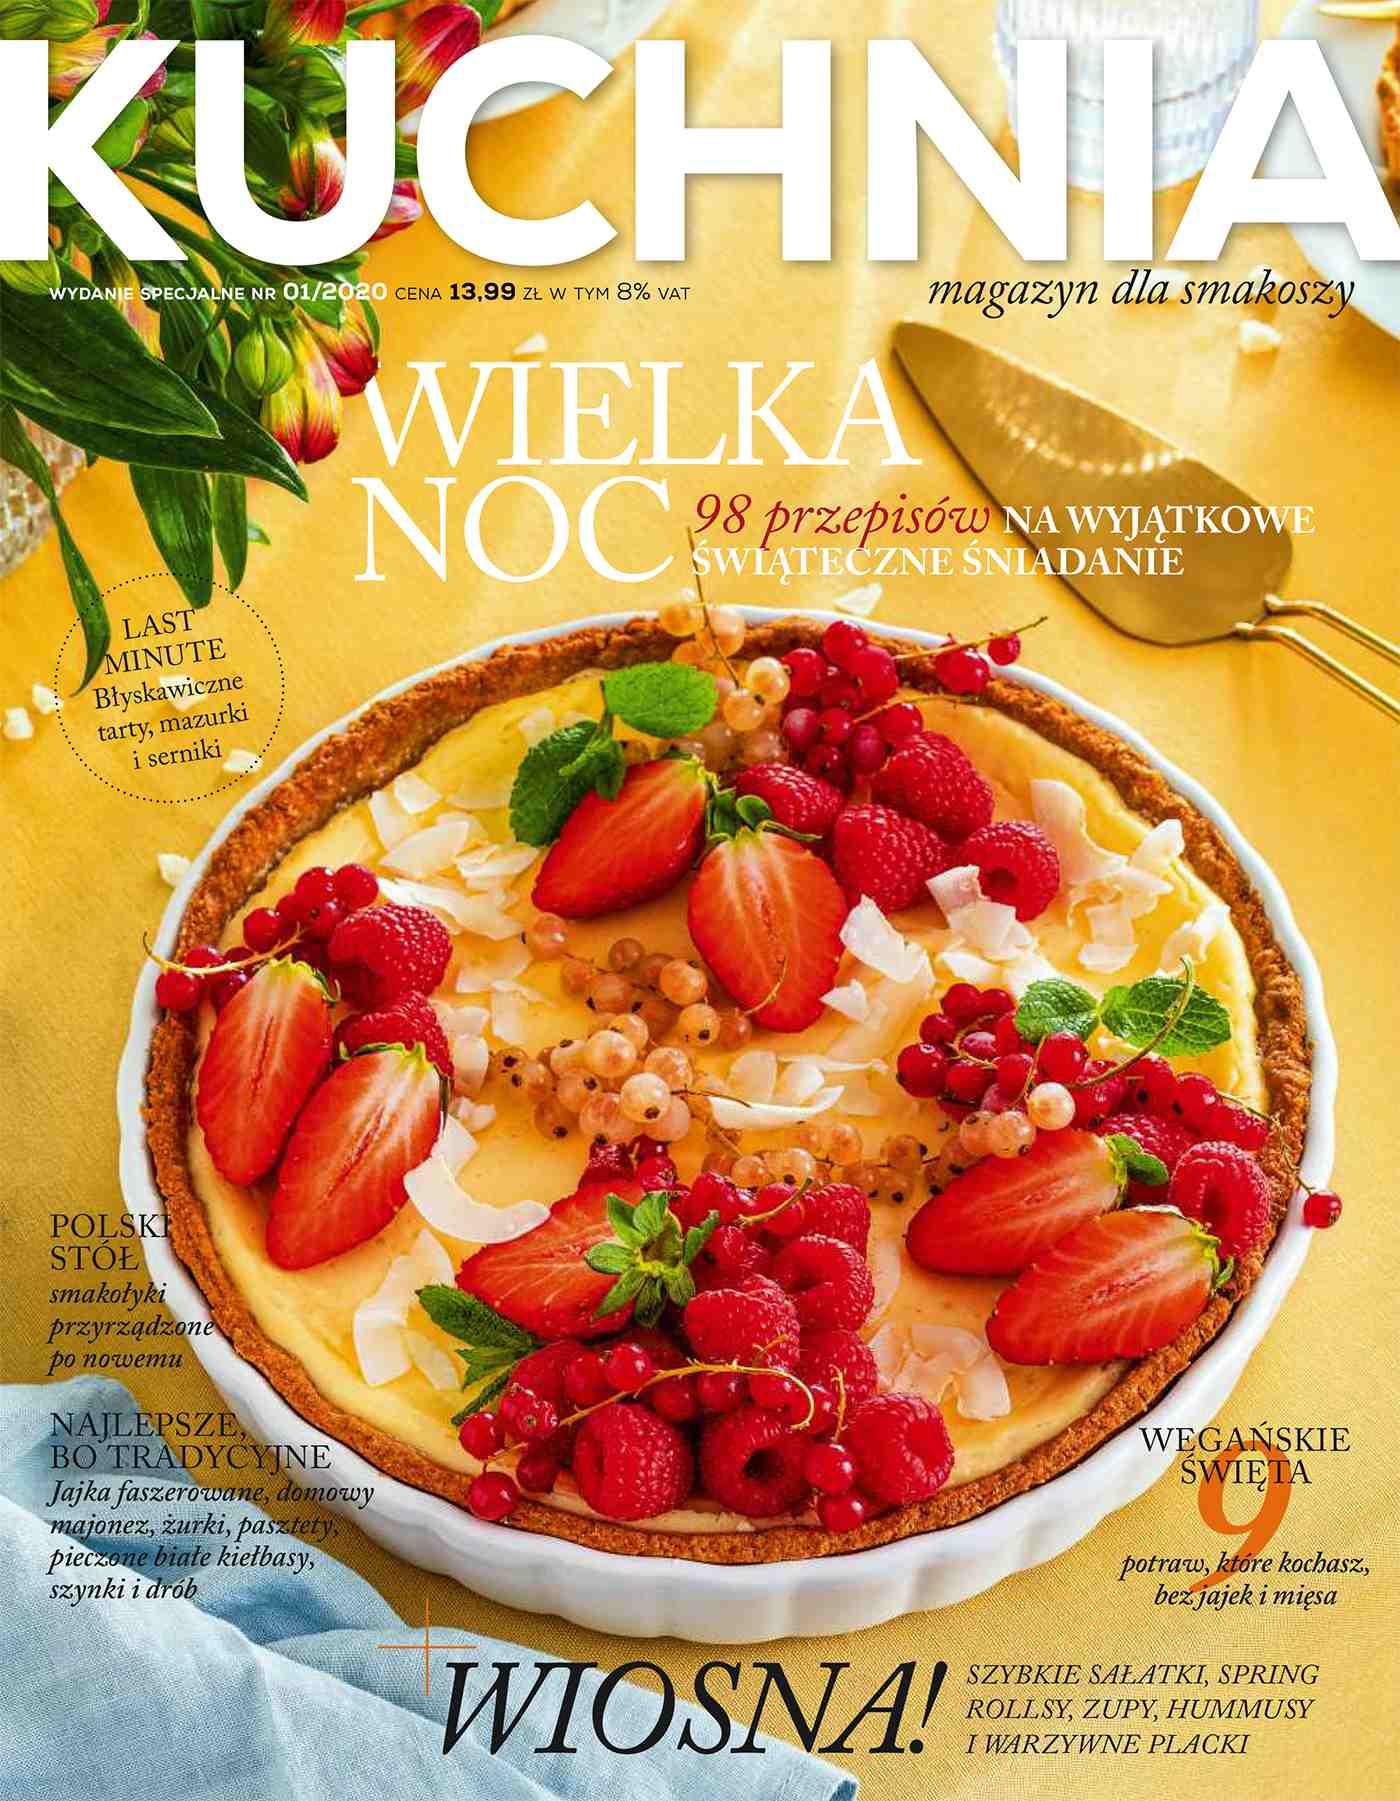 Kuchnia. Magazyn dla smakoszy 1/2020 Wielkanoc. Wydanie Specjalne - Ebook (Książka EPUB) do pobrania w formacie EPUB